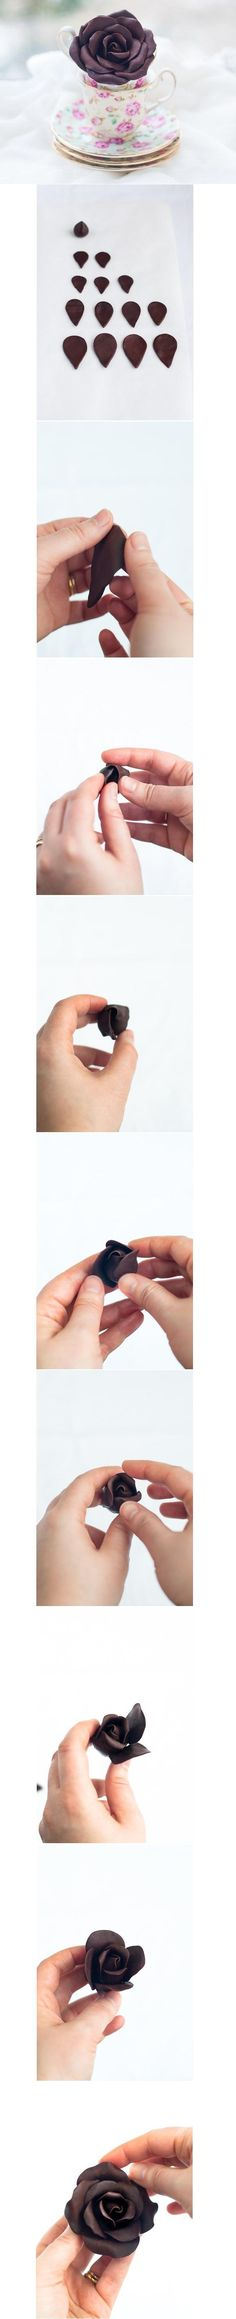 Rose en chocolat